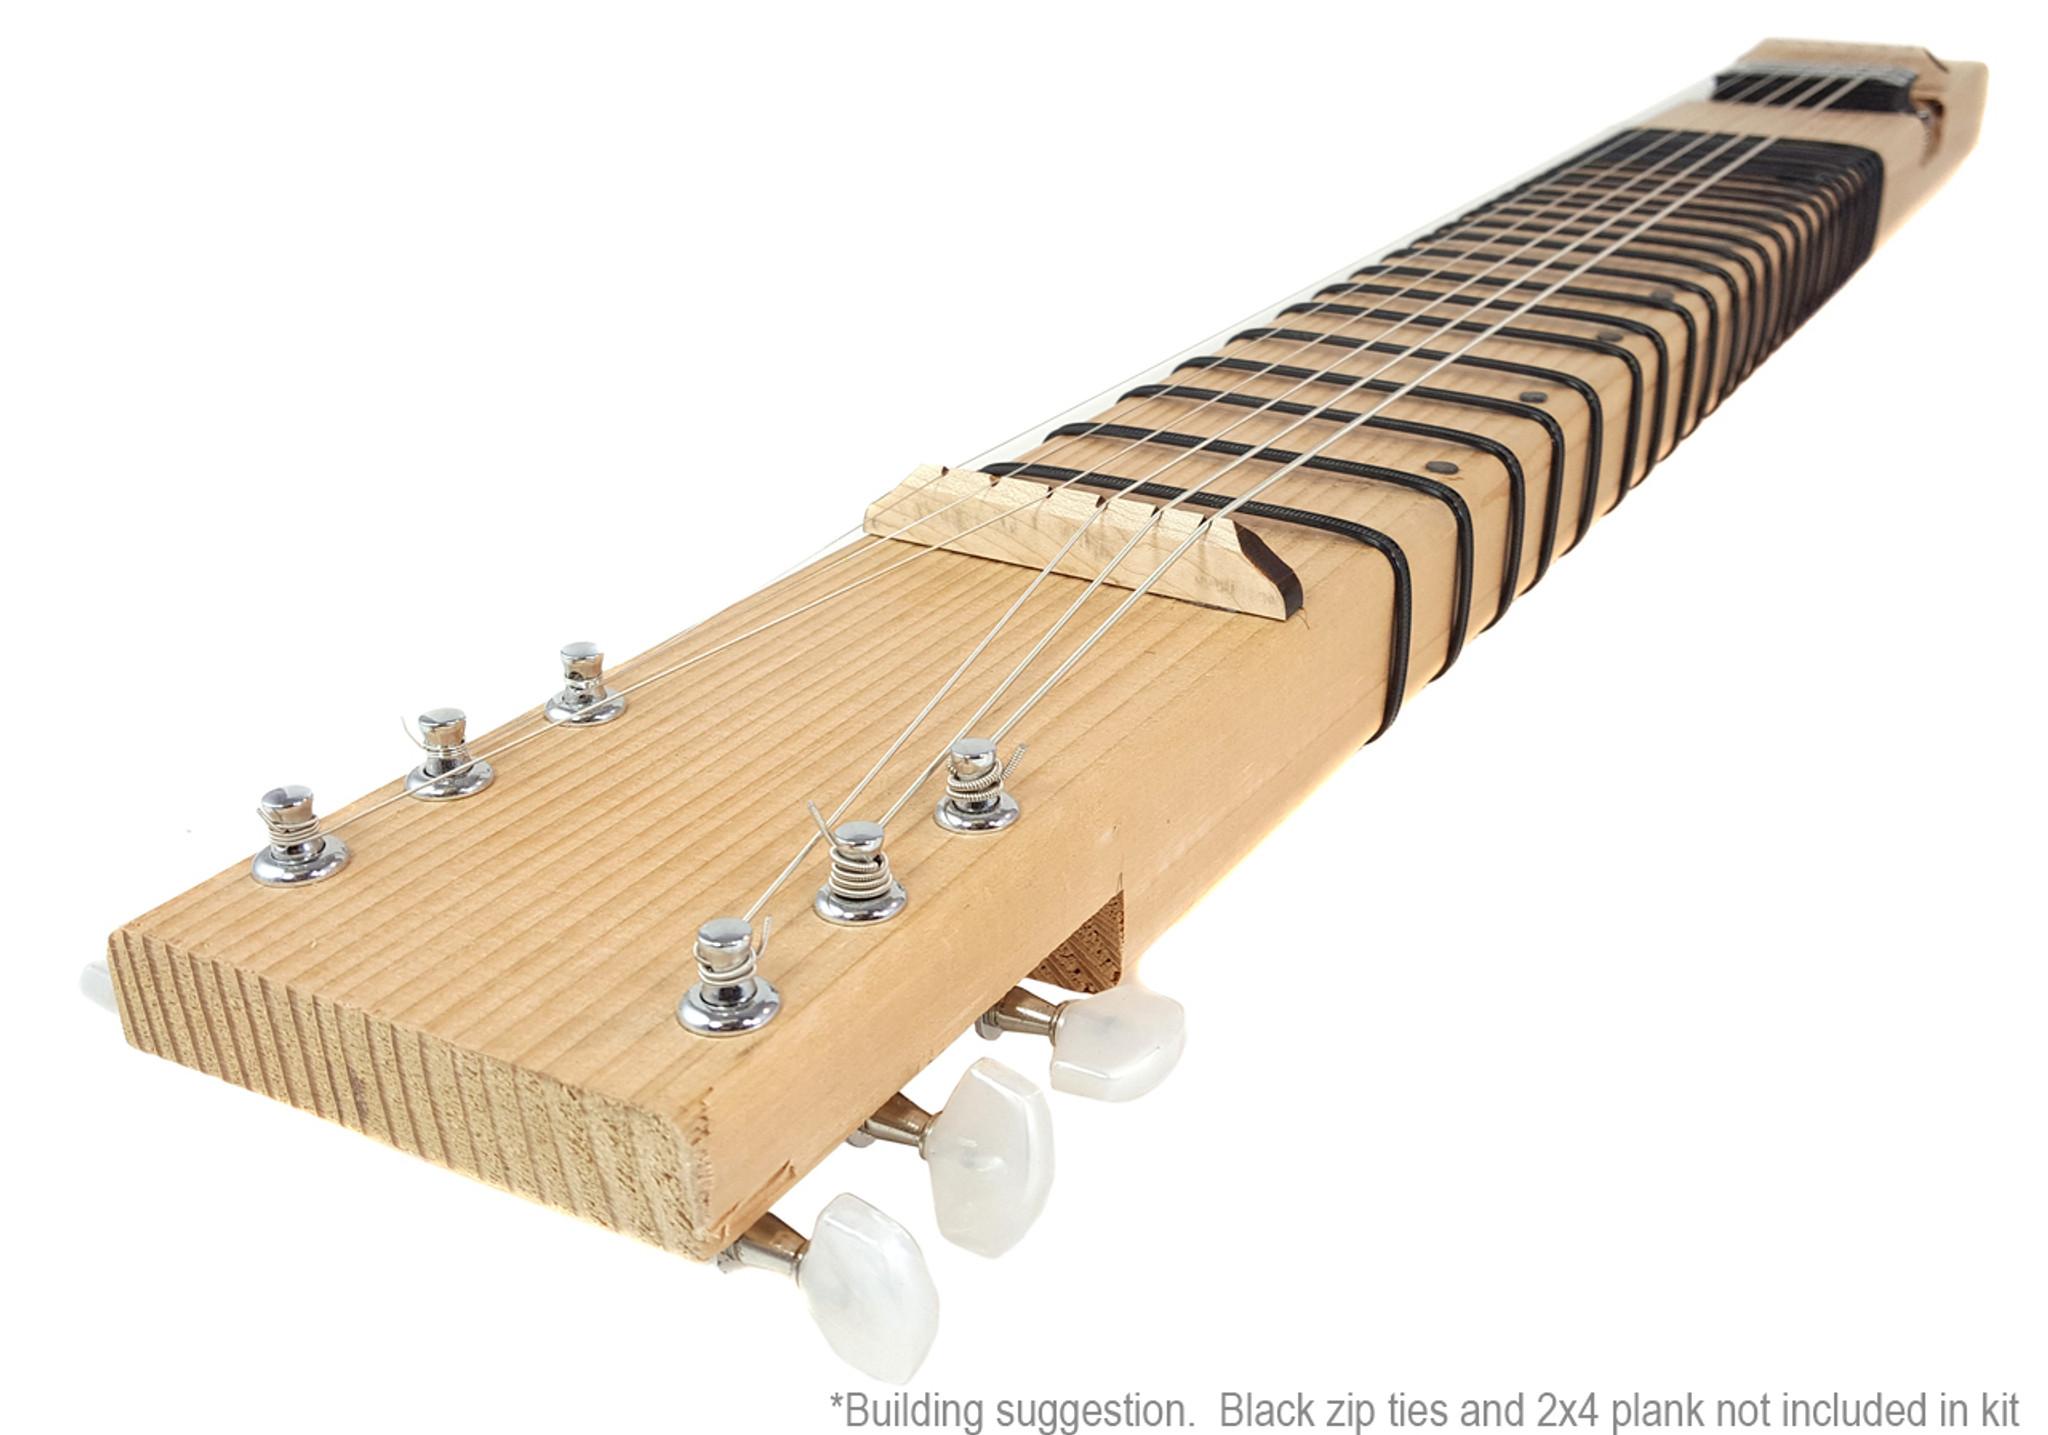 2x4 lap steel guitar kit the diy slide guitar you supply the 2x4 2x4 lap steel guitar kit the diy slide guitar you supply the 2x4 solutioingenieria Gallery